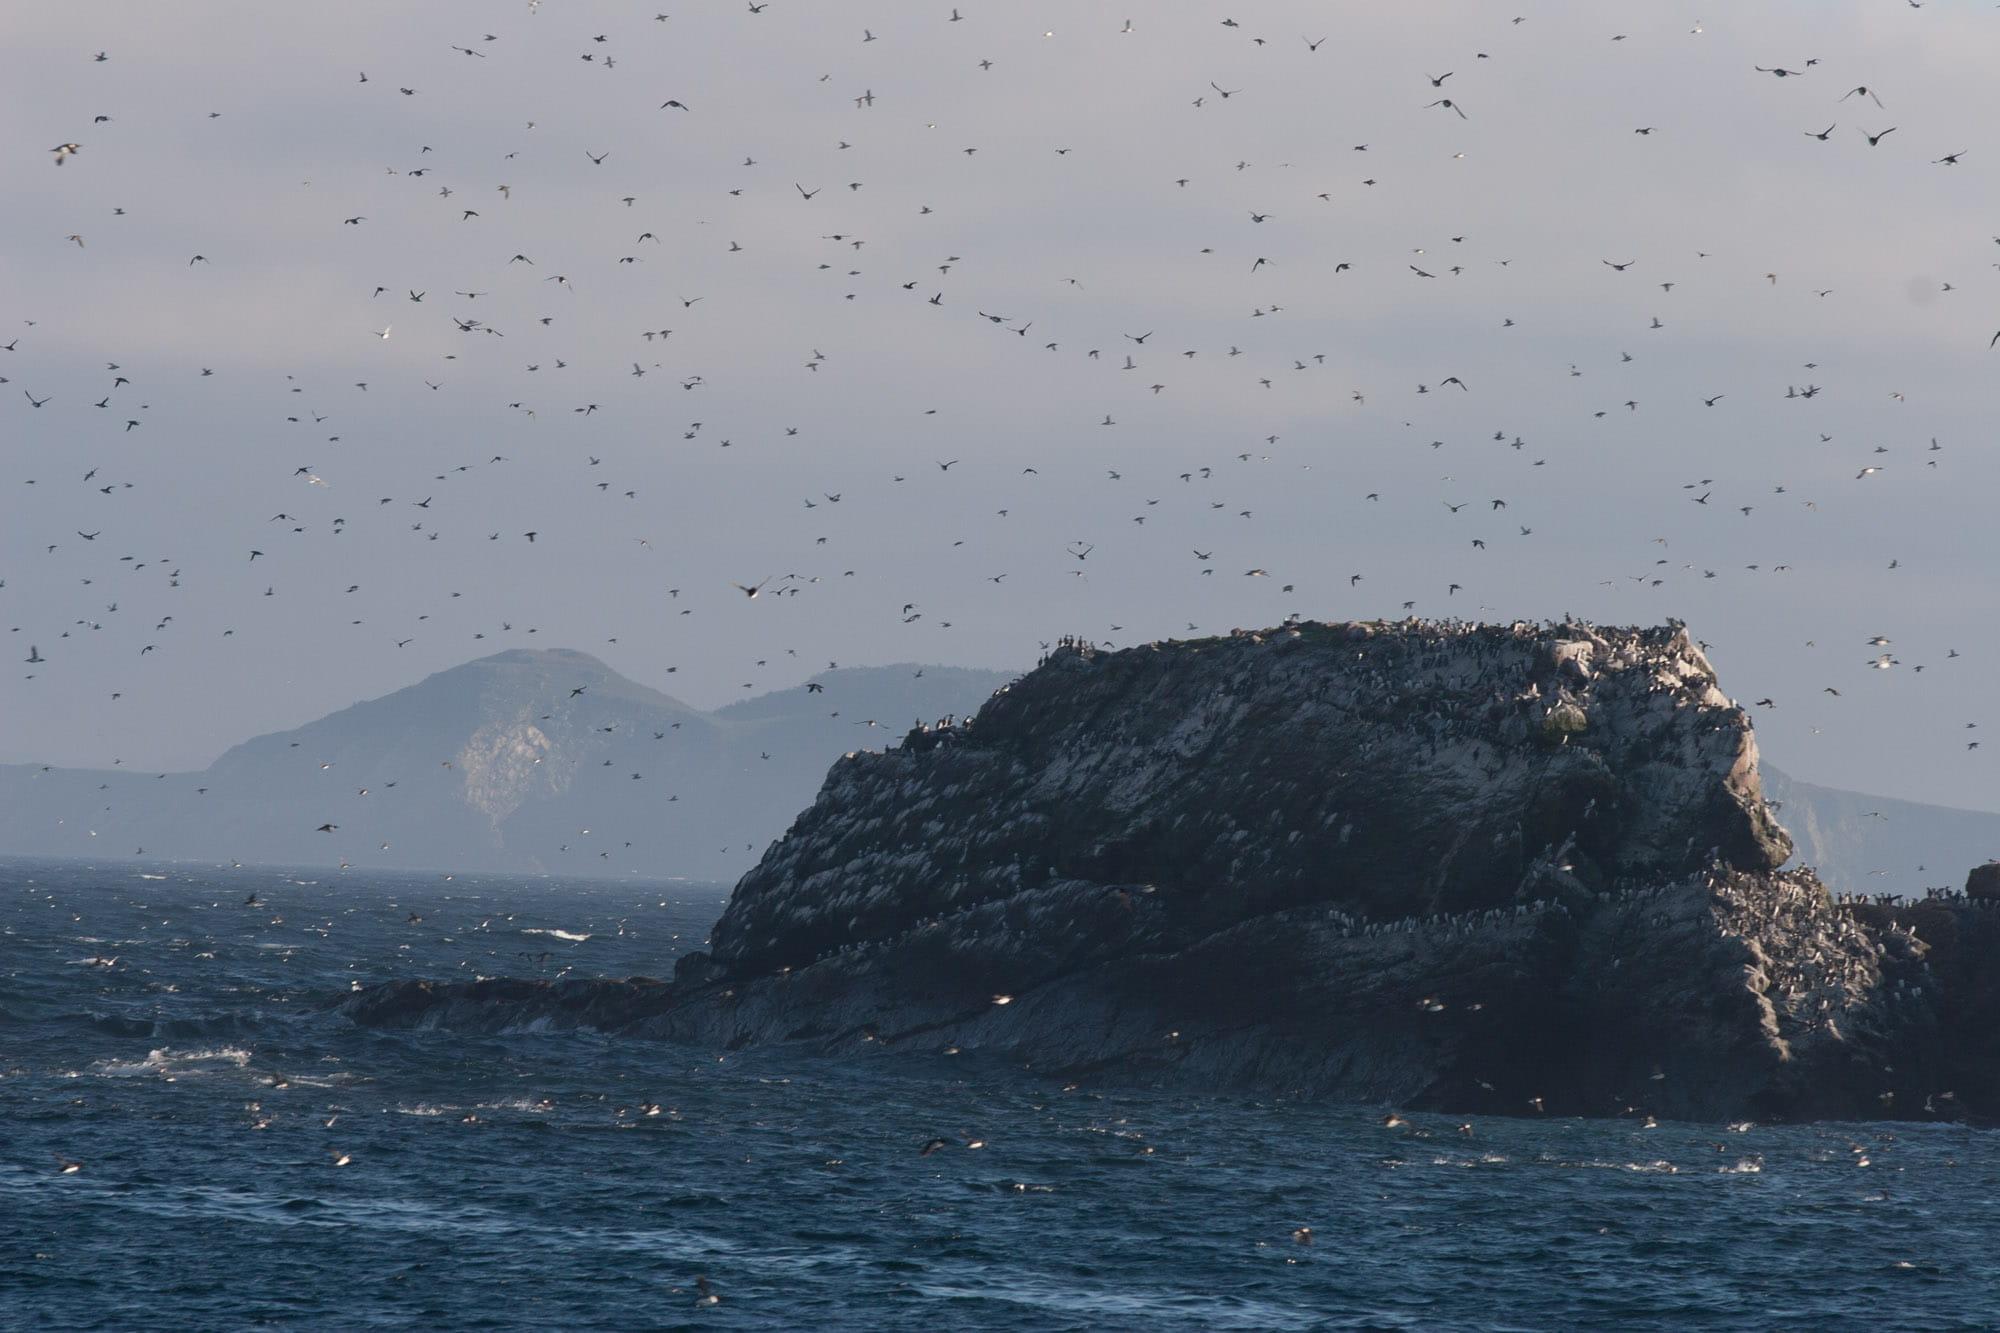 Sky full of birds